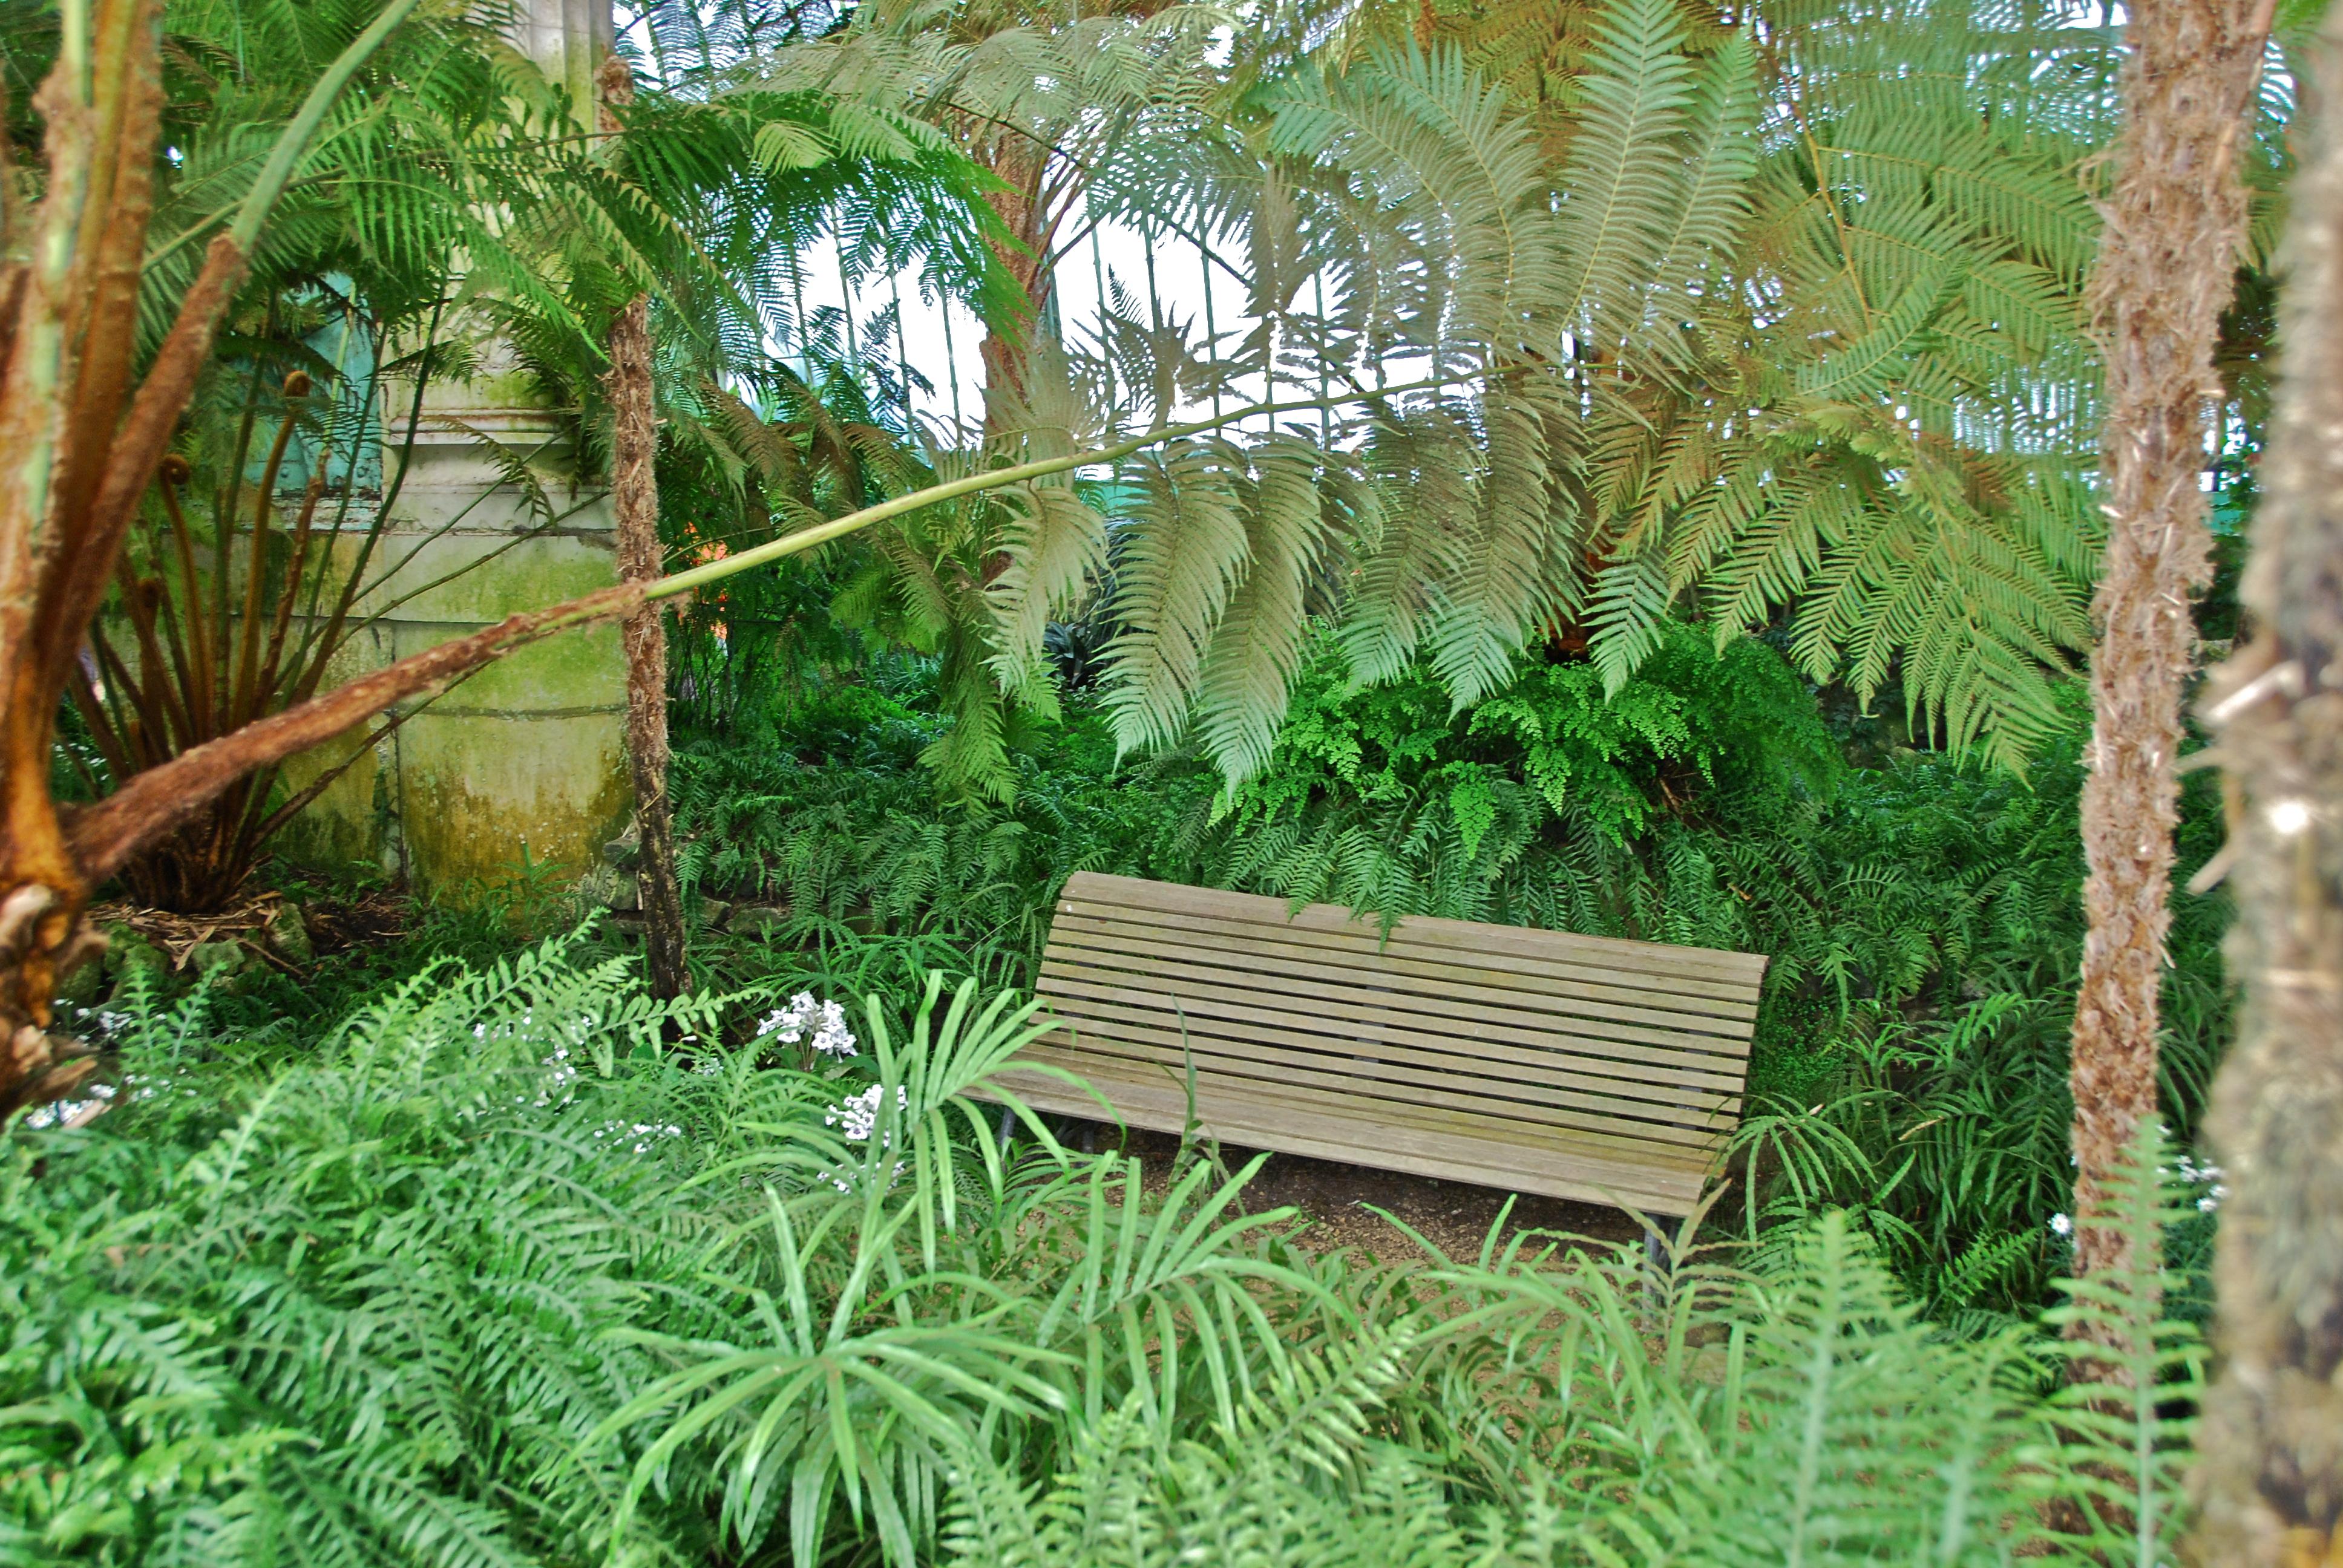 Serre Du Bois Du Sart - Un des bancs en bois (Serres Royales du chateau de Laken Bruxelles) Flickr Photo Sharing!